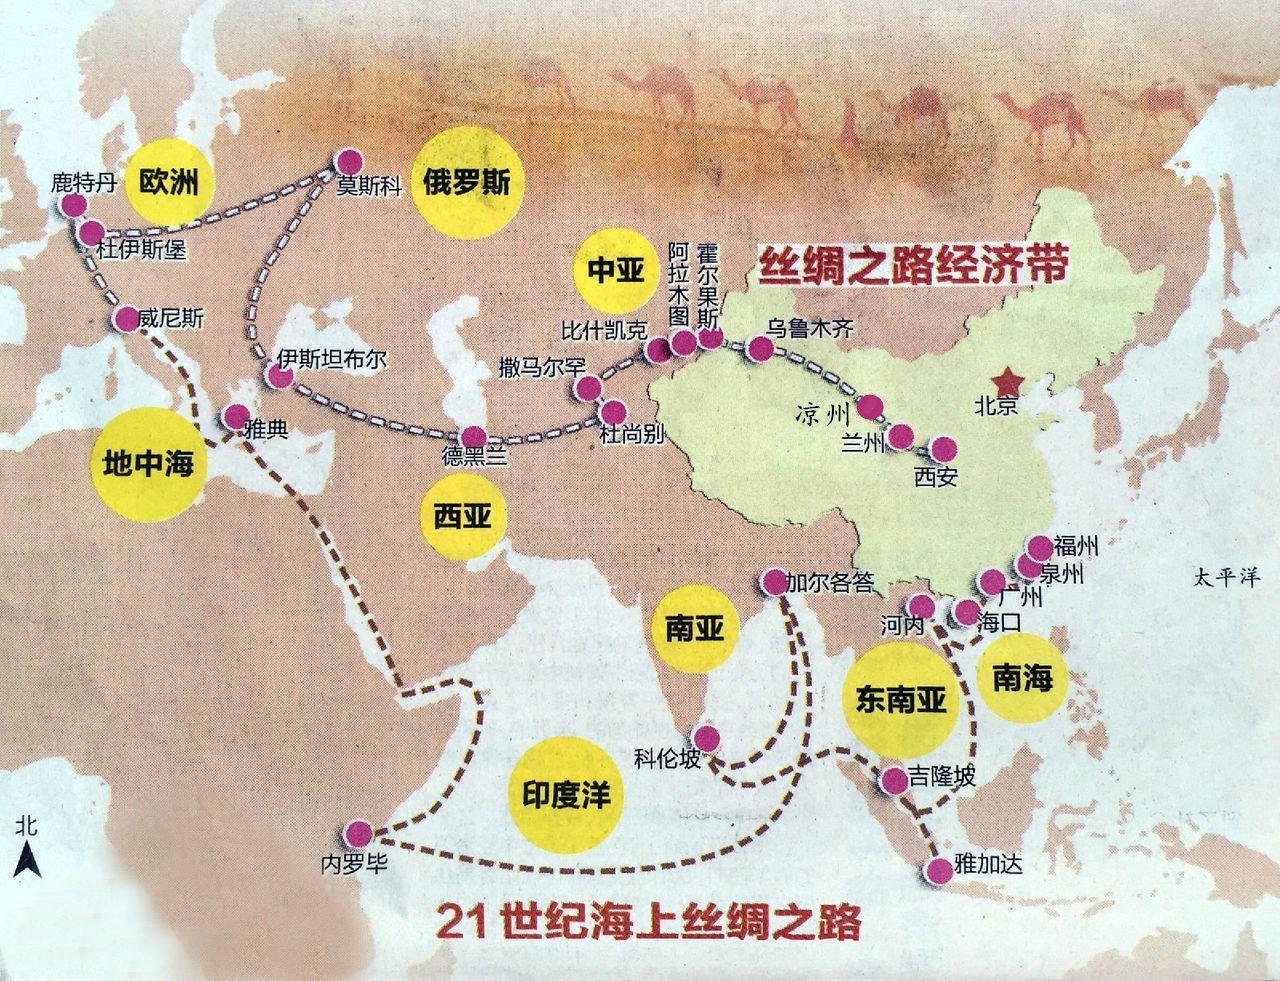 2019年韩国京畿道经济总量_韩国京畿道地图